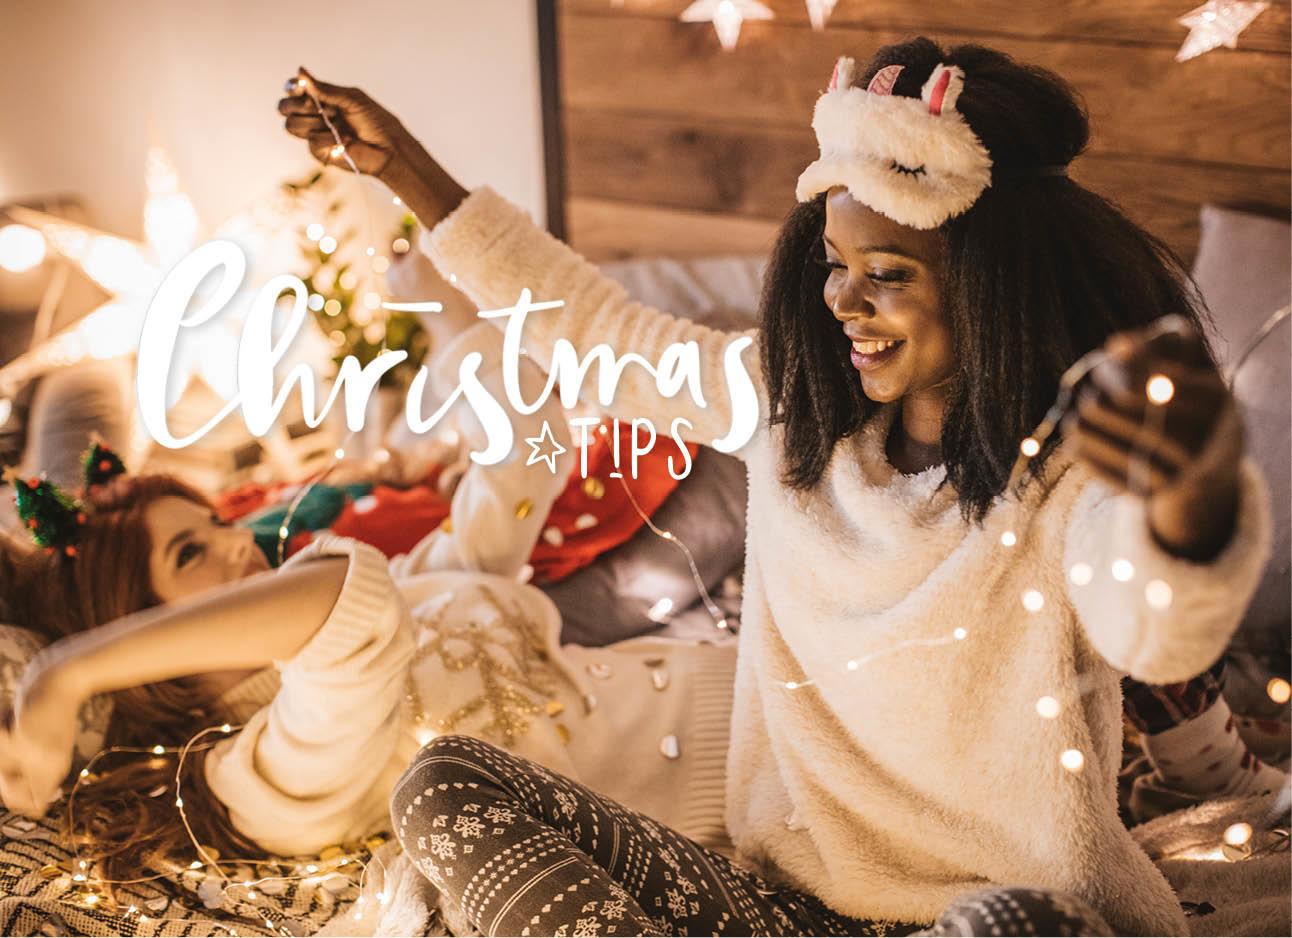 twee vrouwen lachend op bed met kerstlichtjes in hun handen